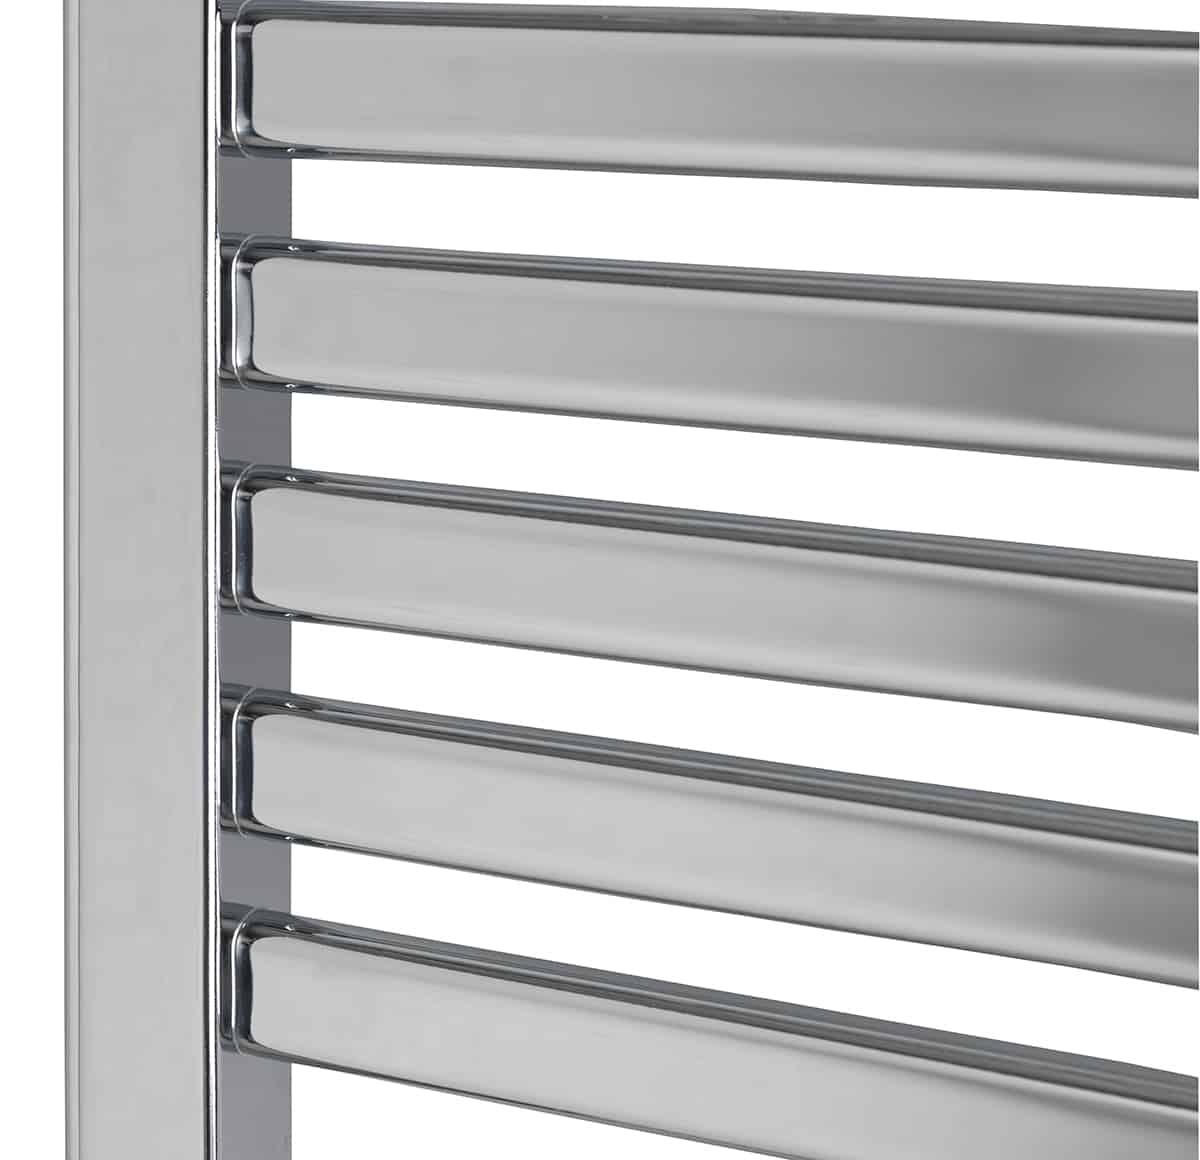 14 Rung Electric Heated Towel Rail: CROSBY Flat Tube Modern Heated Towel Rail, Chrome